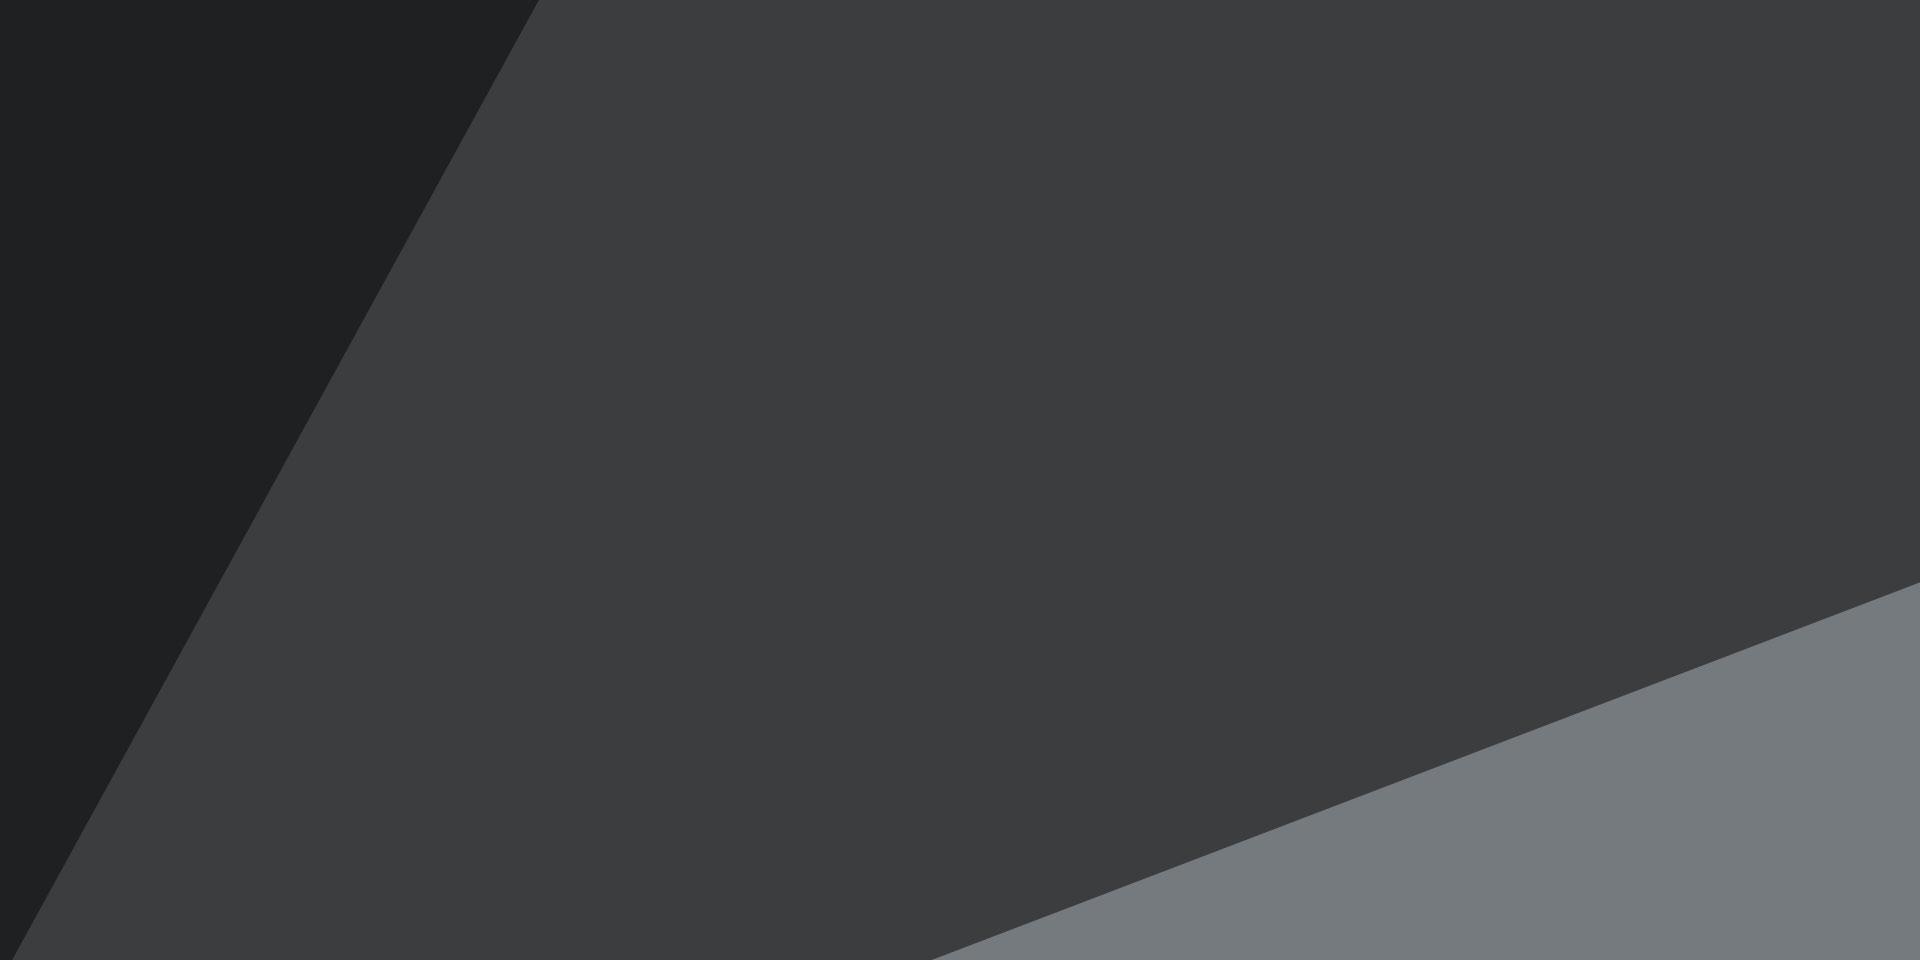 GDC 2018 でエピック ゲームズが最新情報を発表、すべてのプラットフォームで AAAクオリティのサポートが顕著に